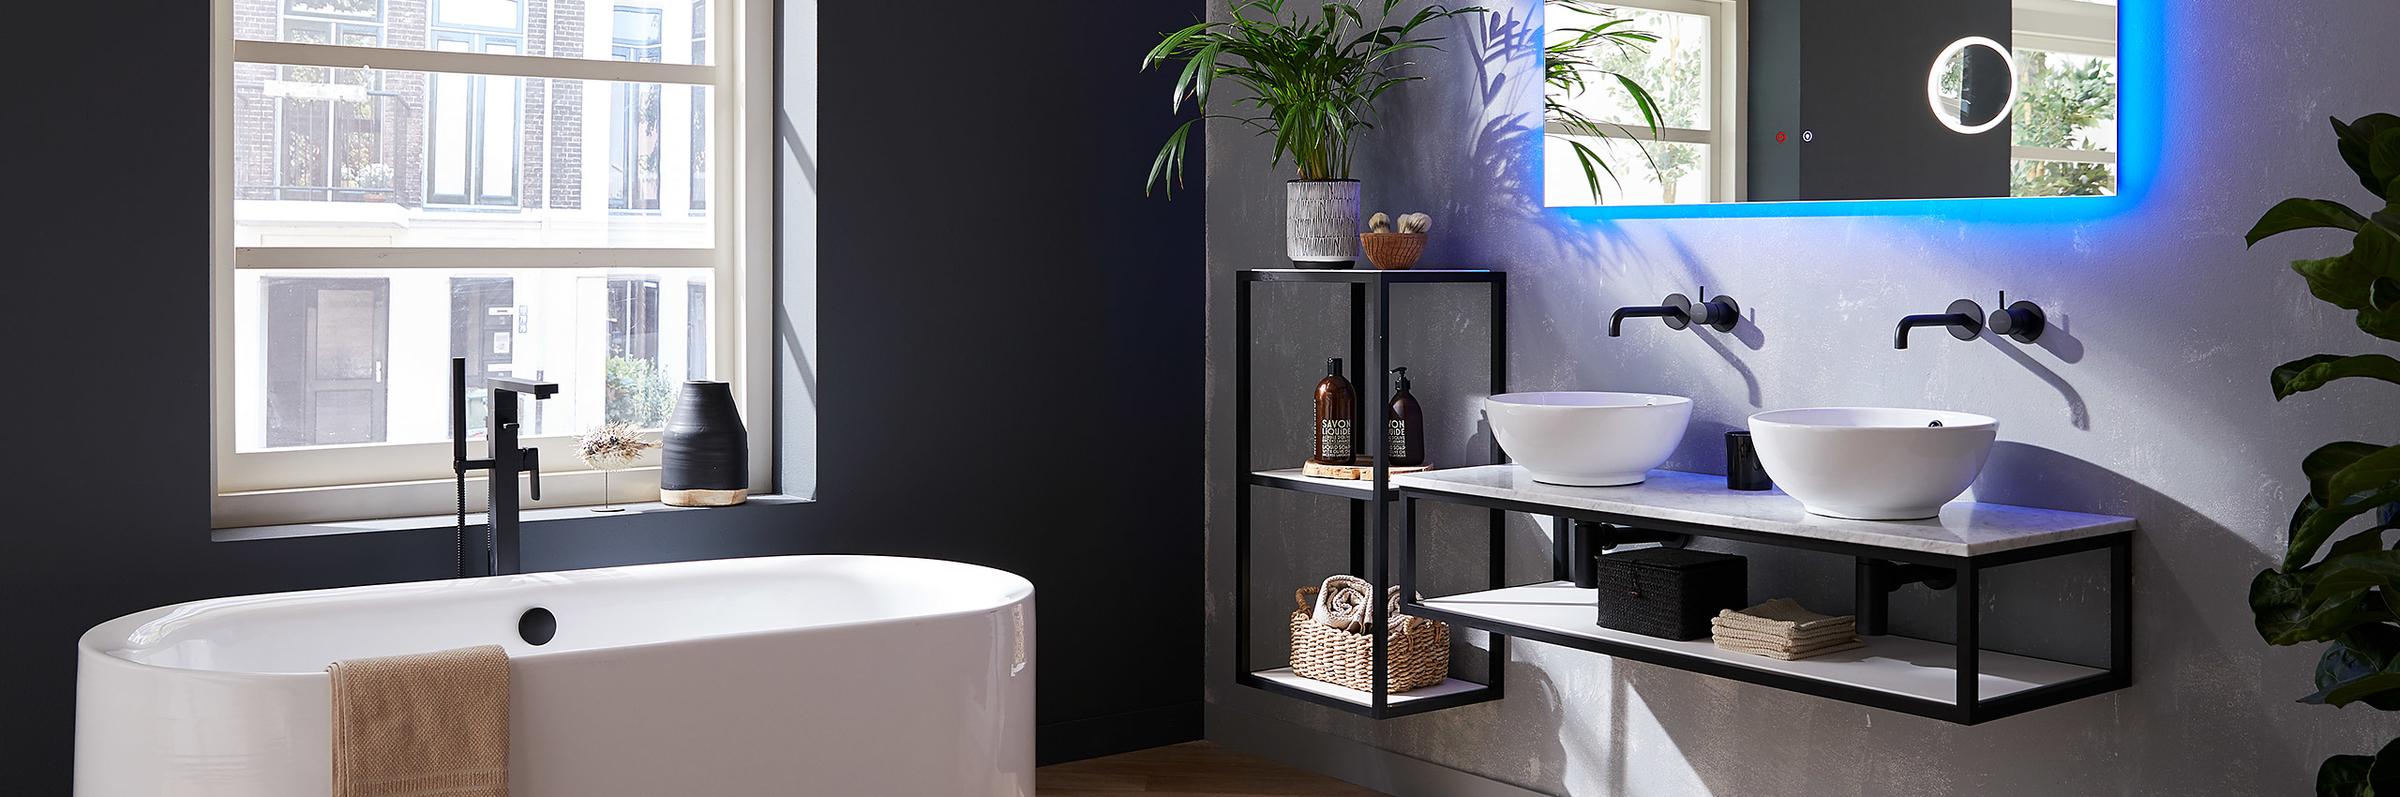 Badkamermeubels van warm hout en stoer metaal